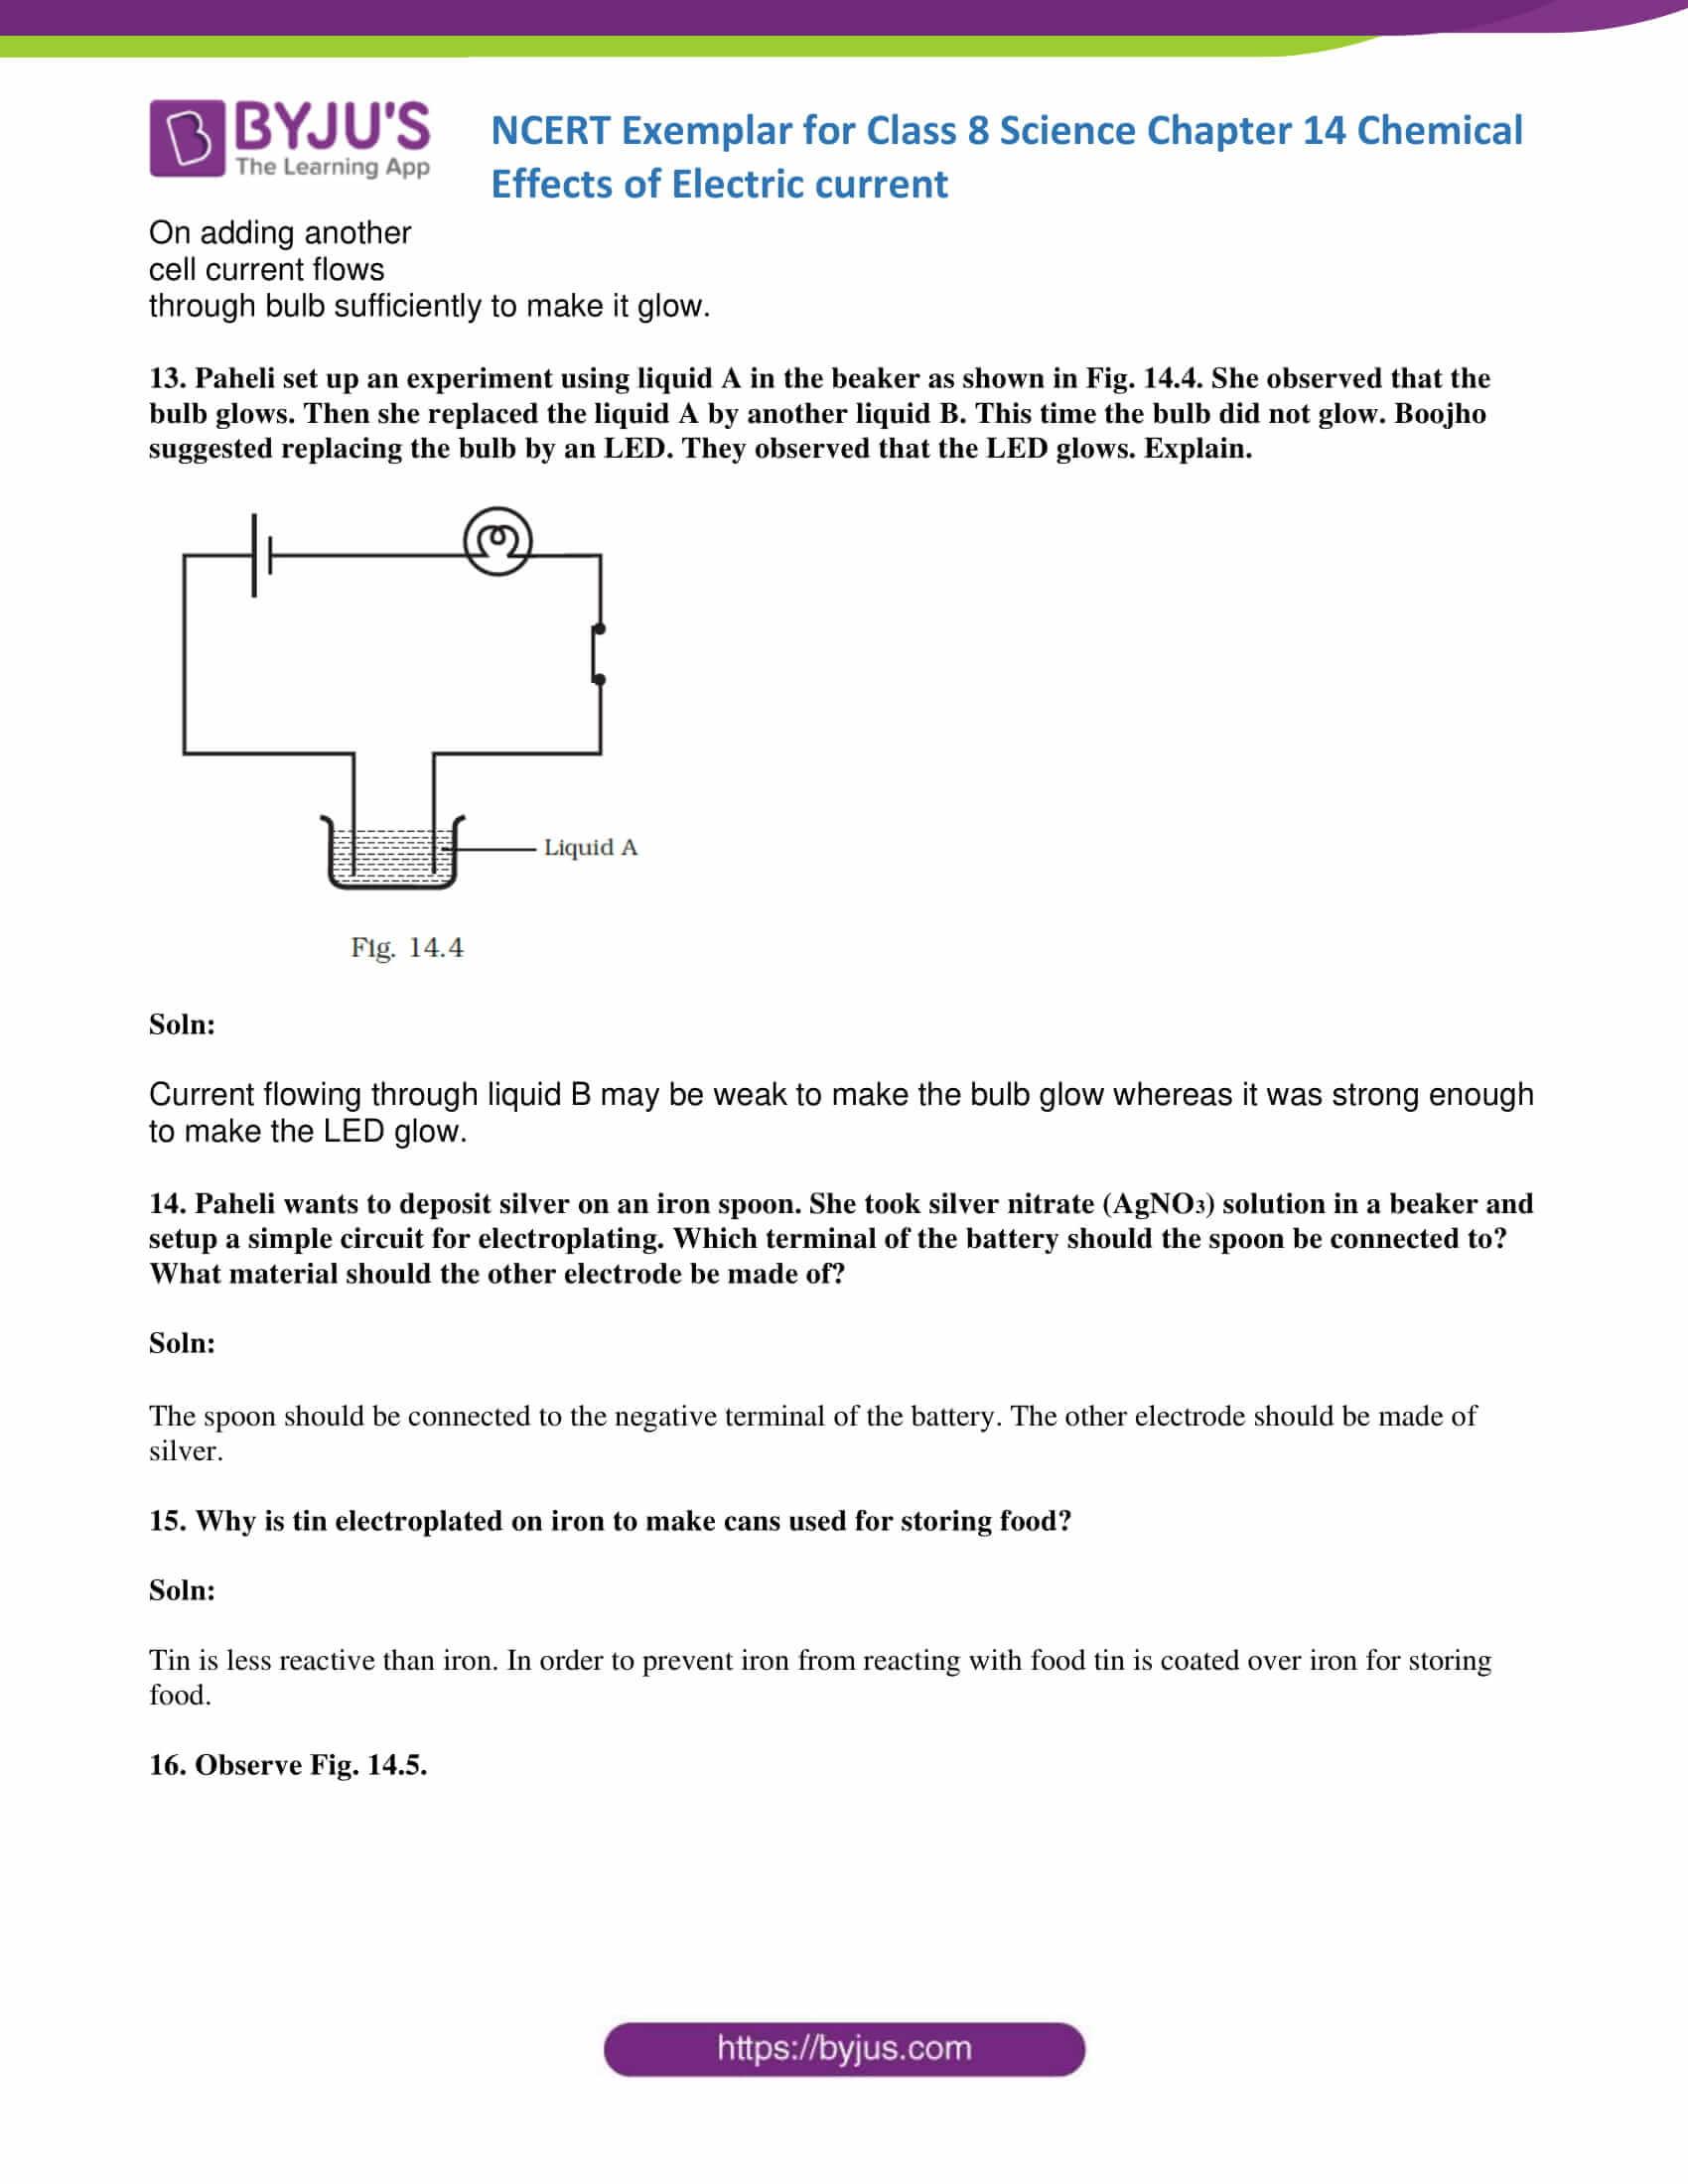 NCERT Exemplar solution class 8 science chapter 14 part 06